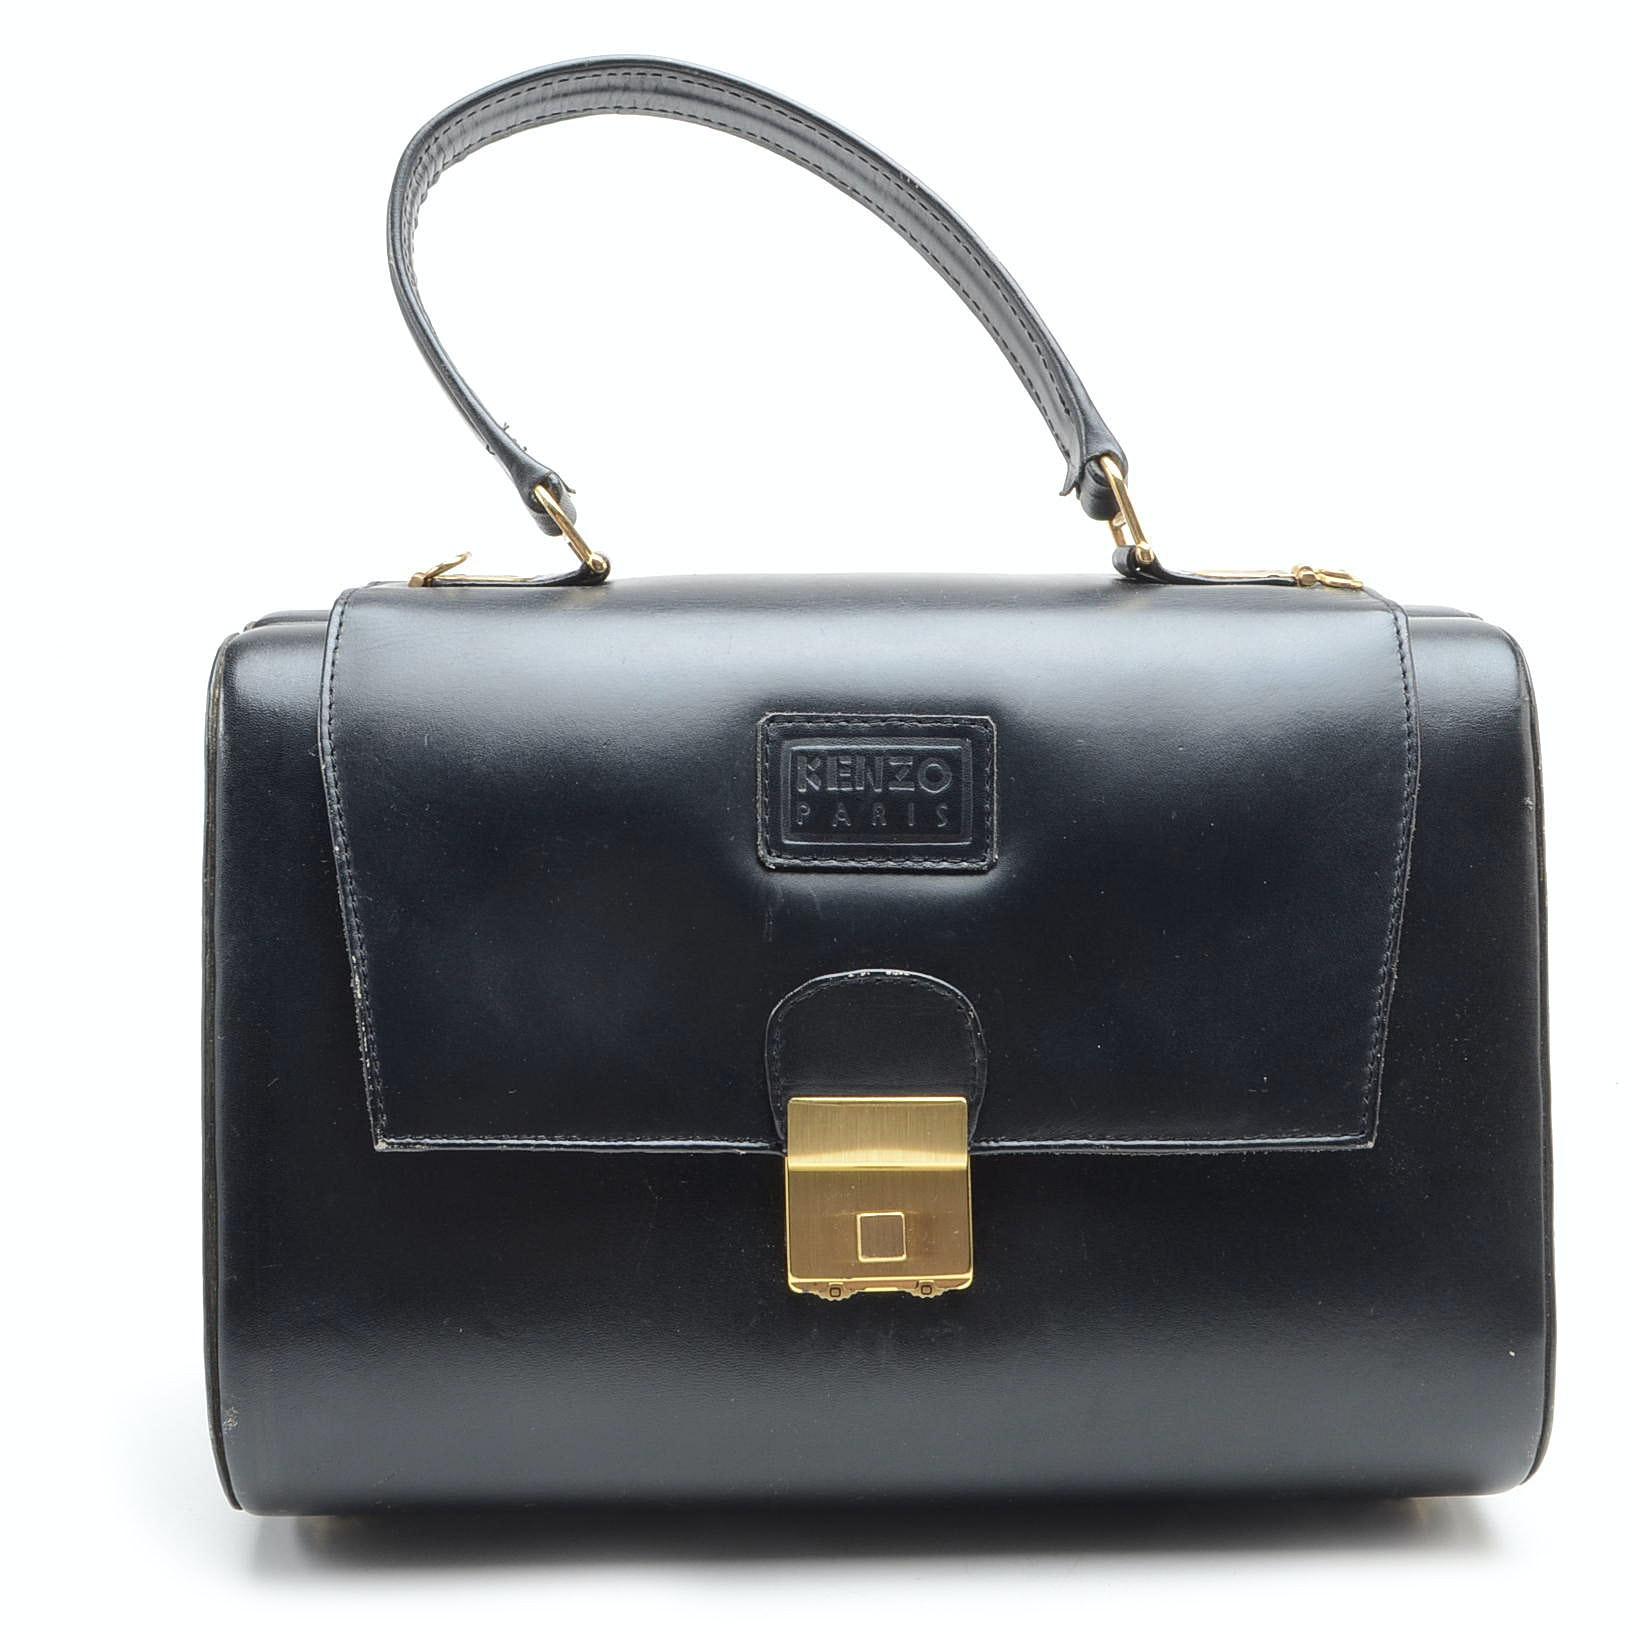 Vintage Kenzo Paris Handbag